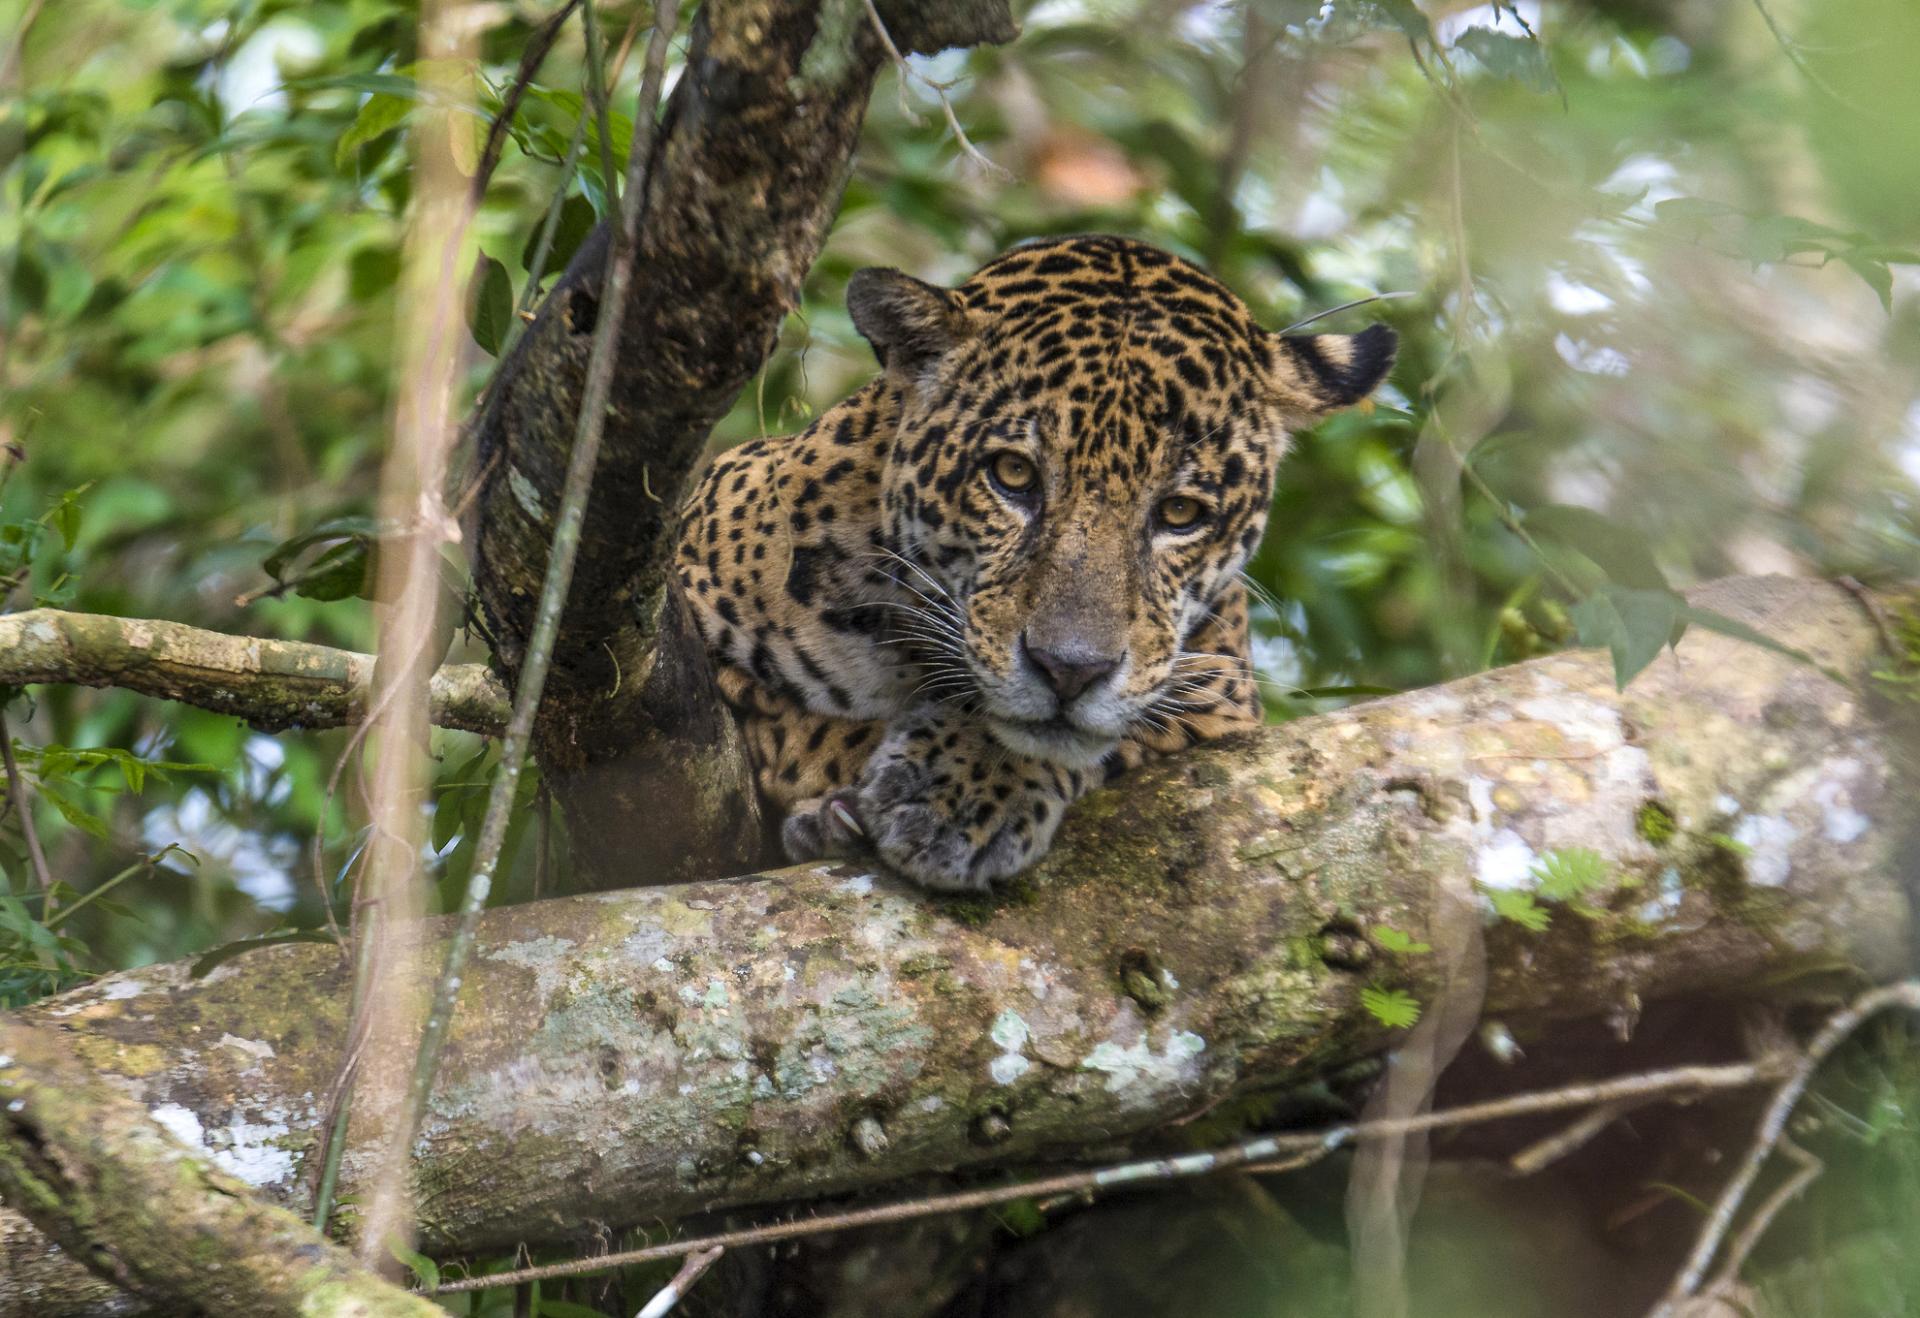 Jaguar in Tefe in Brasilien